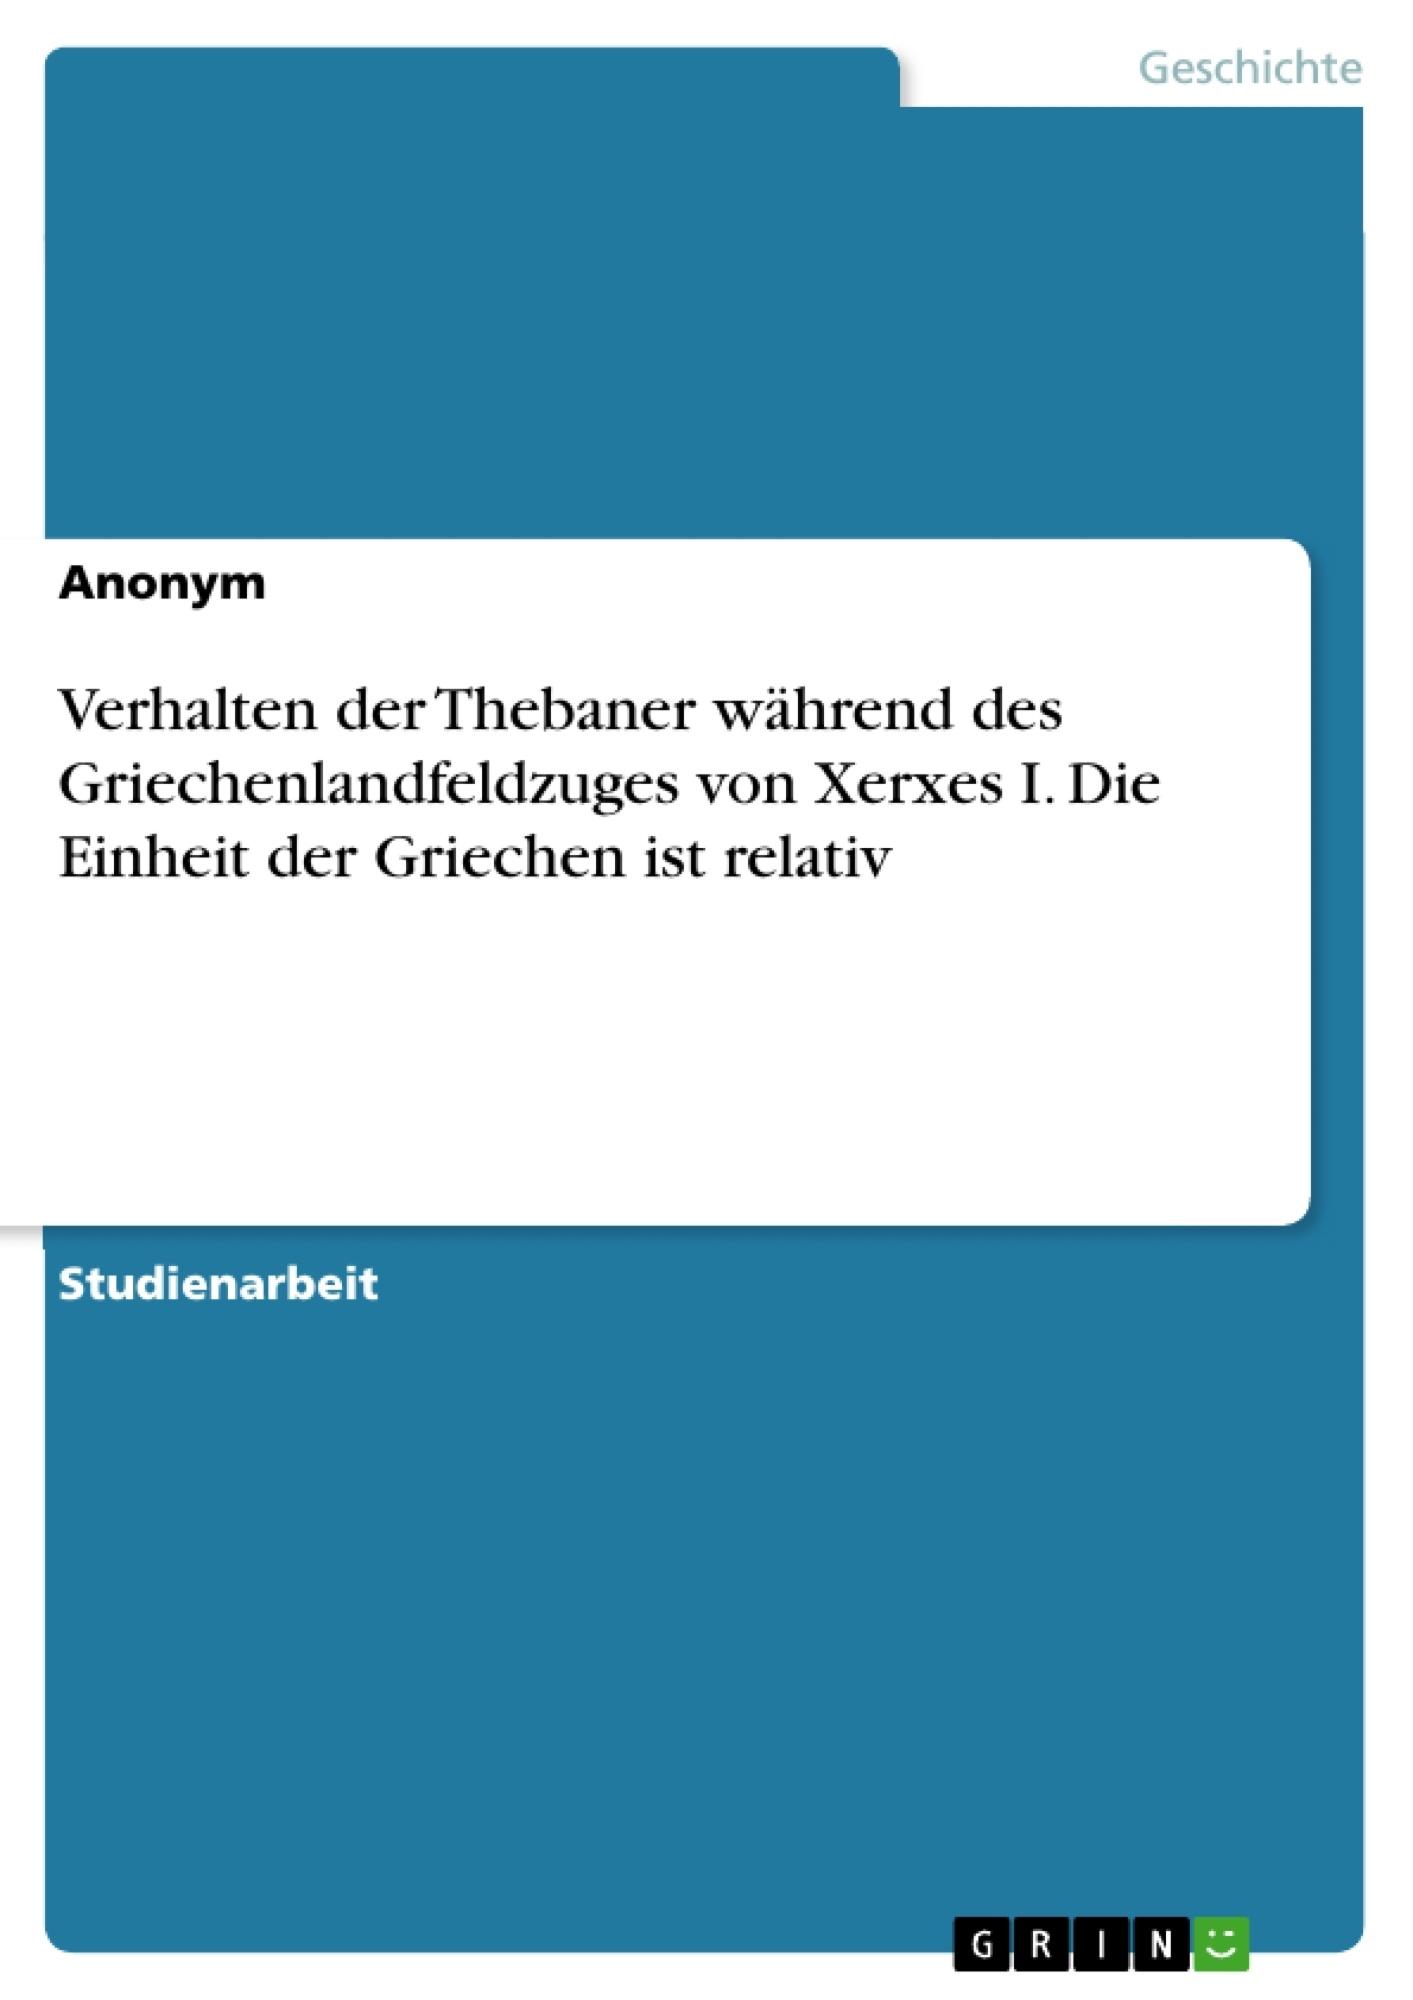 Titel: Verhalten der Thebaner während des Griechenlandfeldzuges von Xerxes I. Die Einheit der Griechen ist relativ